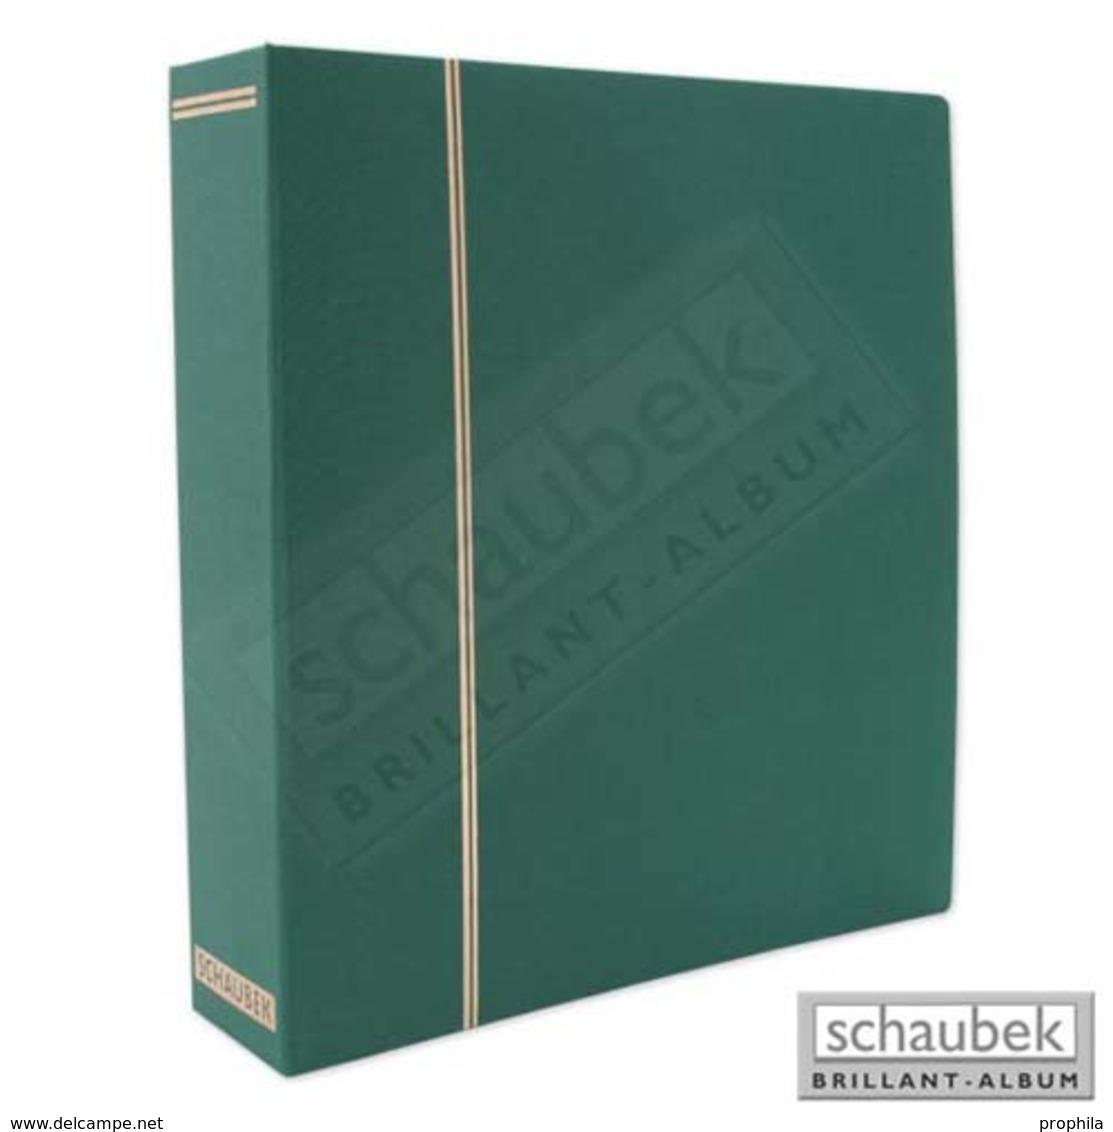 Schaubek Scds1054 Reliure à Vis En Toile Verte - Klemmbinder